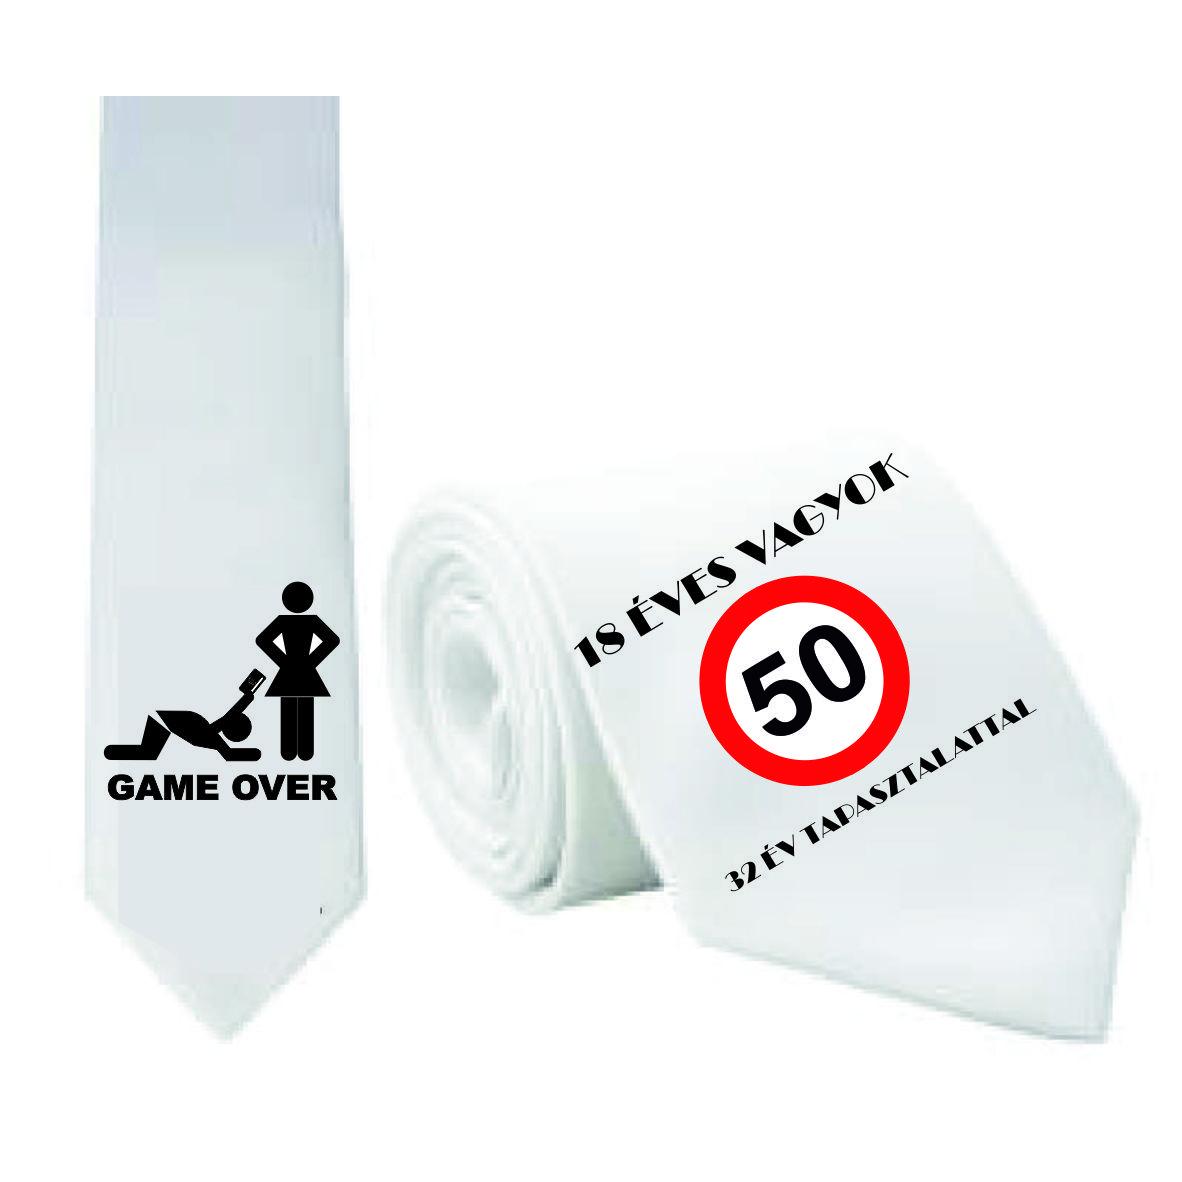 Nyakkendő egyedi képpel – Dokumentum Center 5a4002bdb9